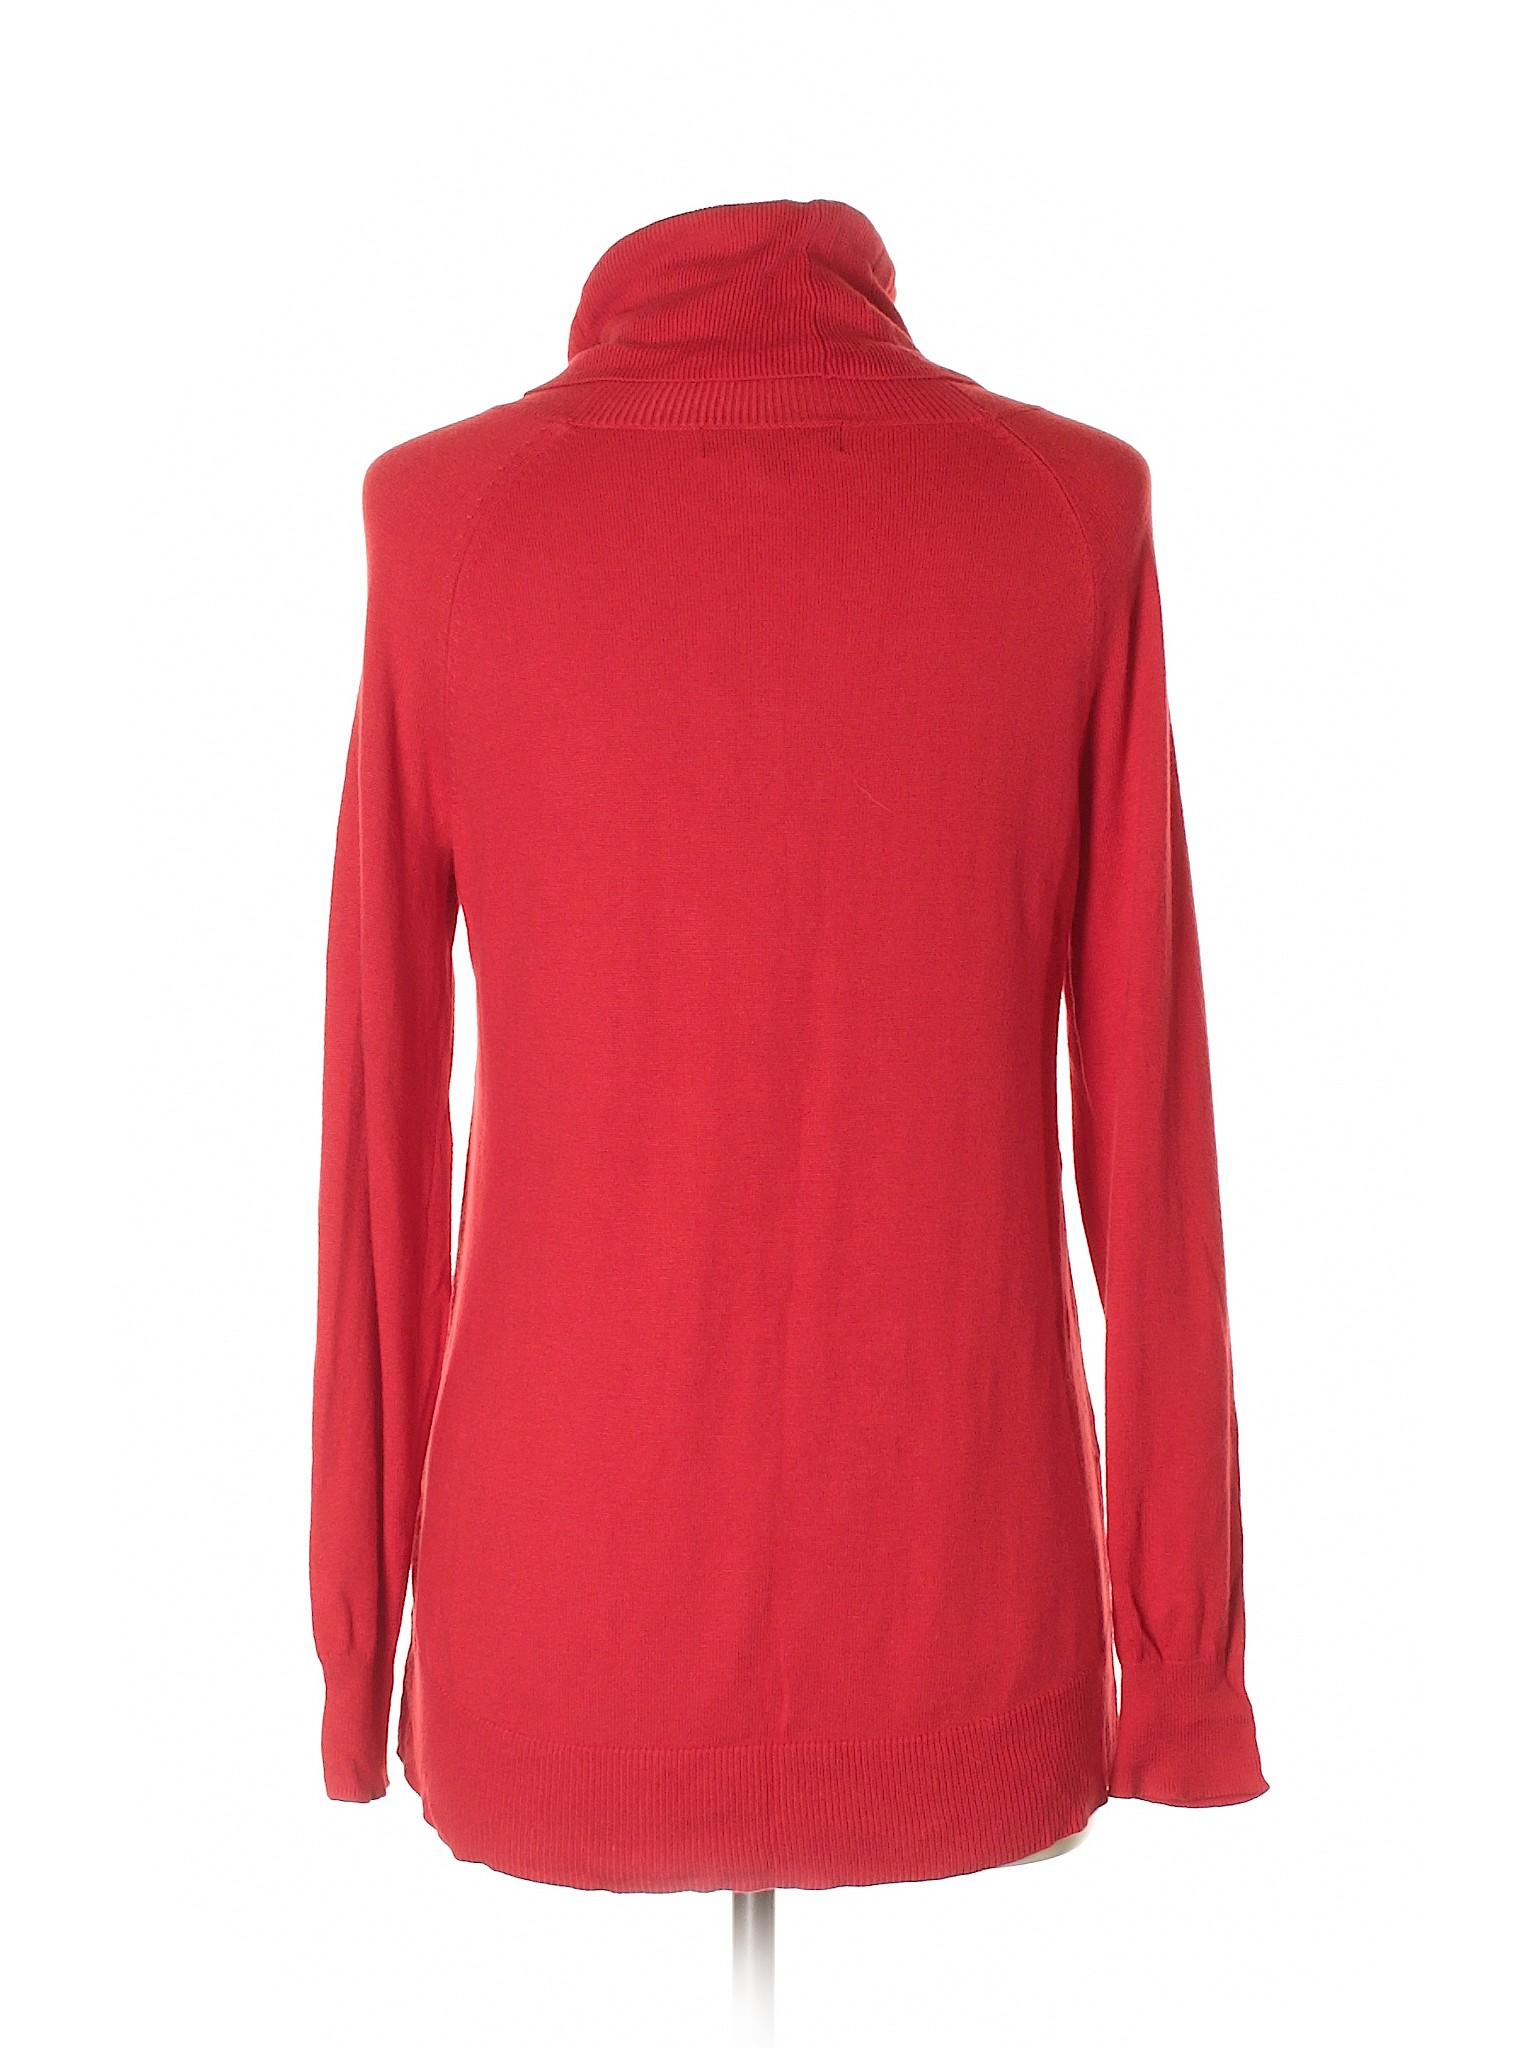 Ellen Boutique Sweater Tracy Tracy Ellen Pullover Boutique Boutique Sweater Pullover qwFI4ZxEn